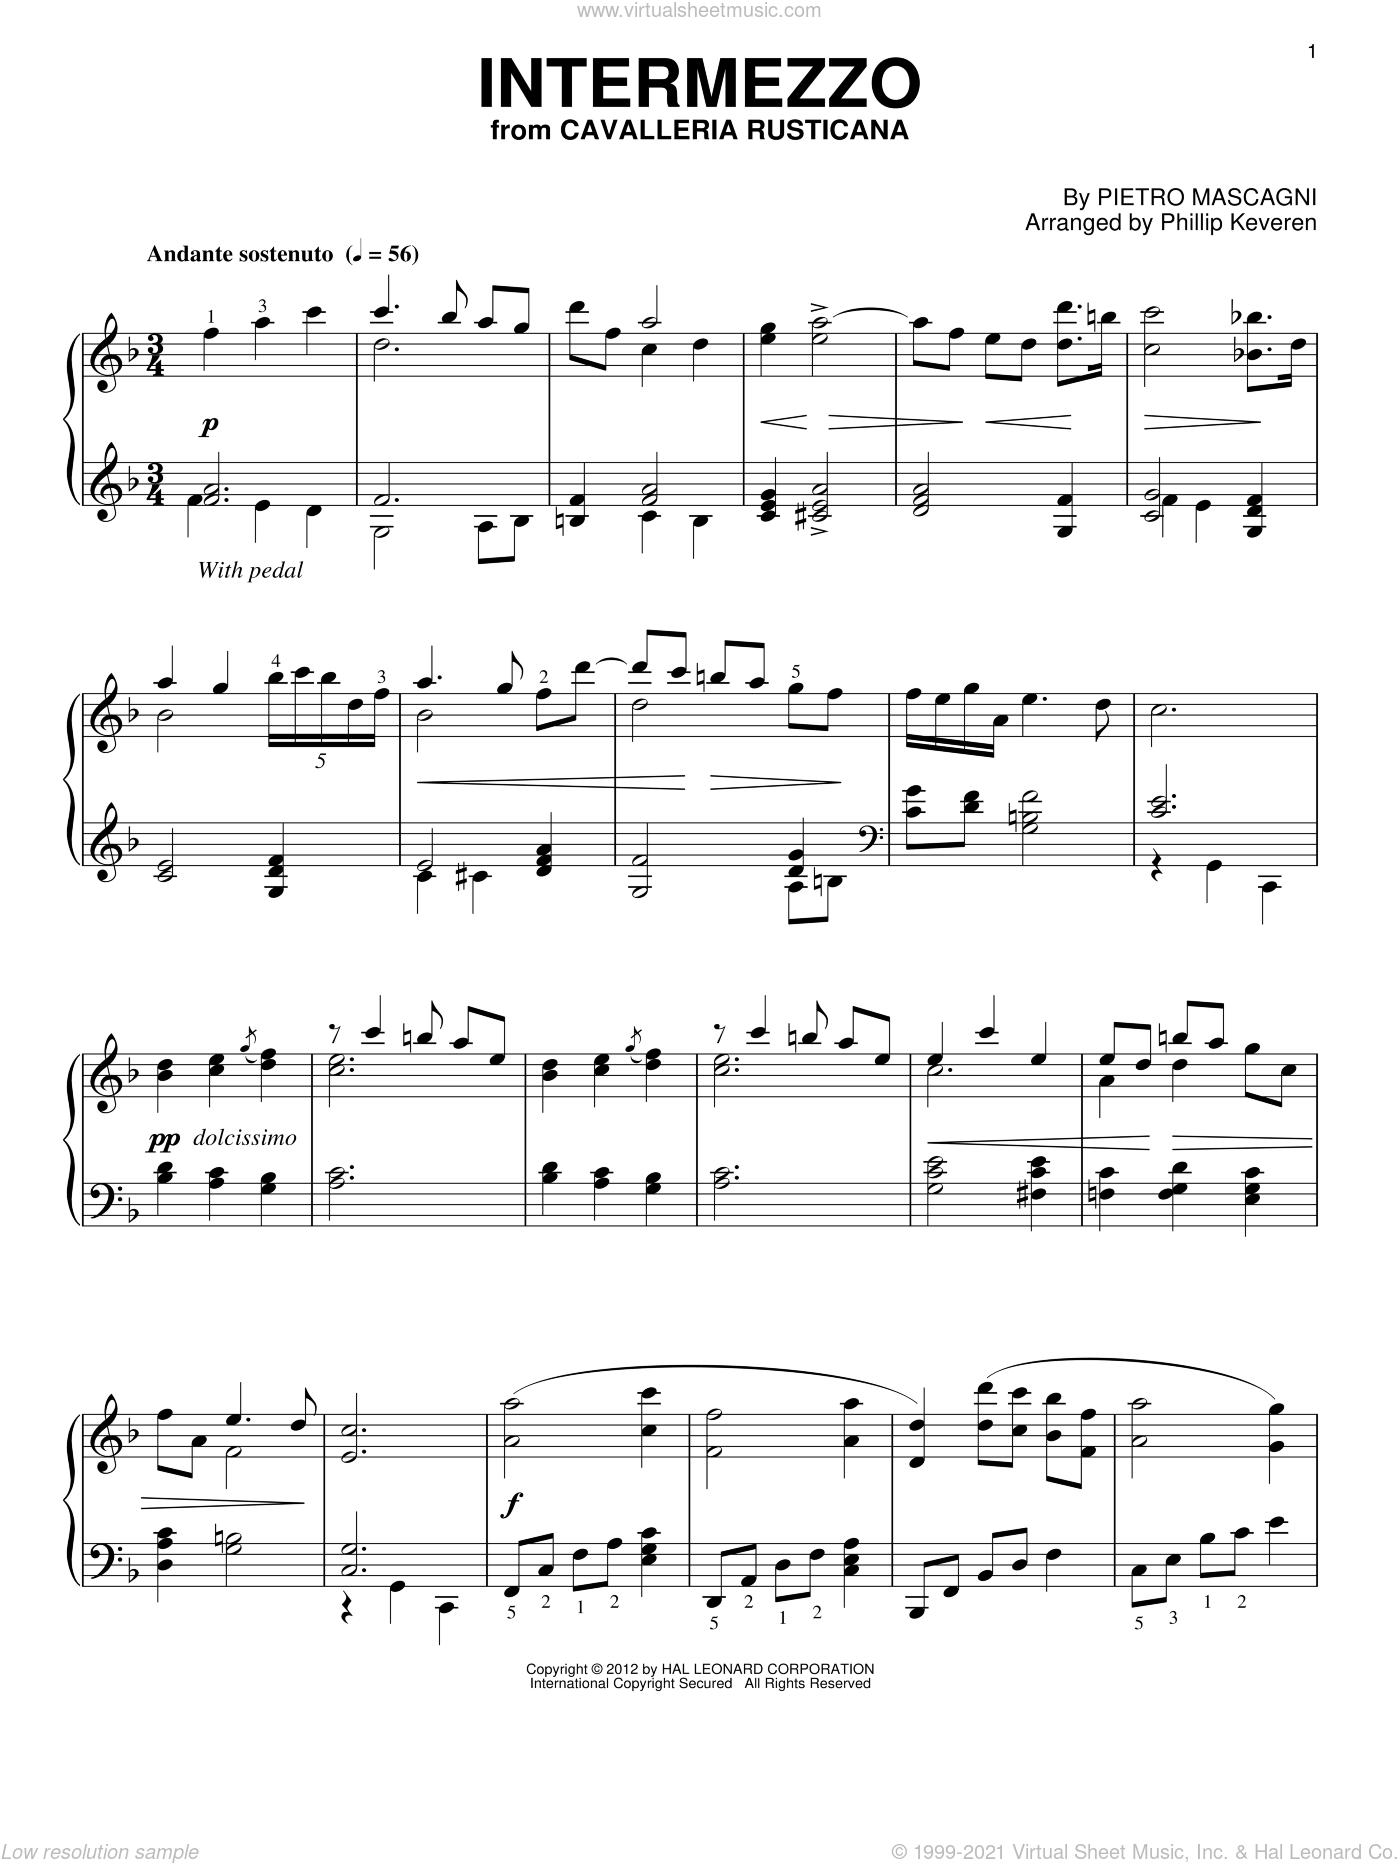 Intermezzo sheet music for piano solo by Pietro Mascagni and Phillip Keveren, classical score, intermediate skill level